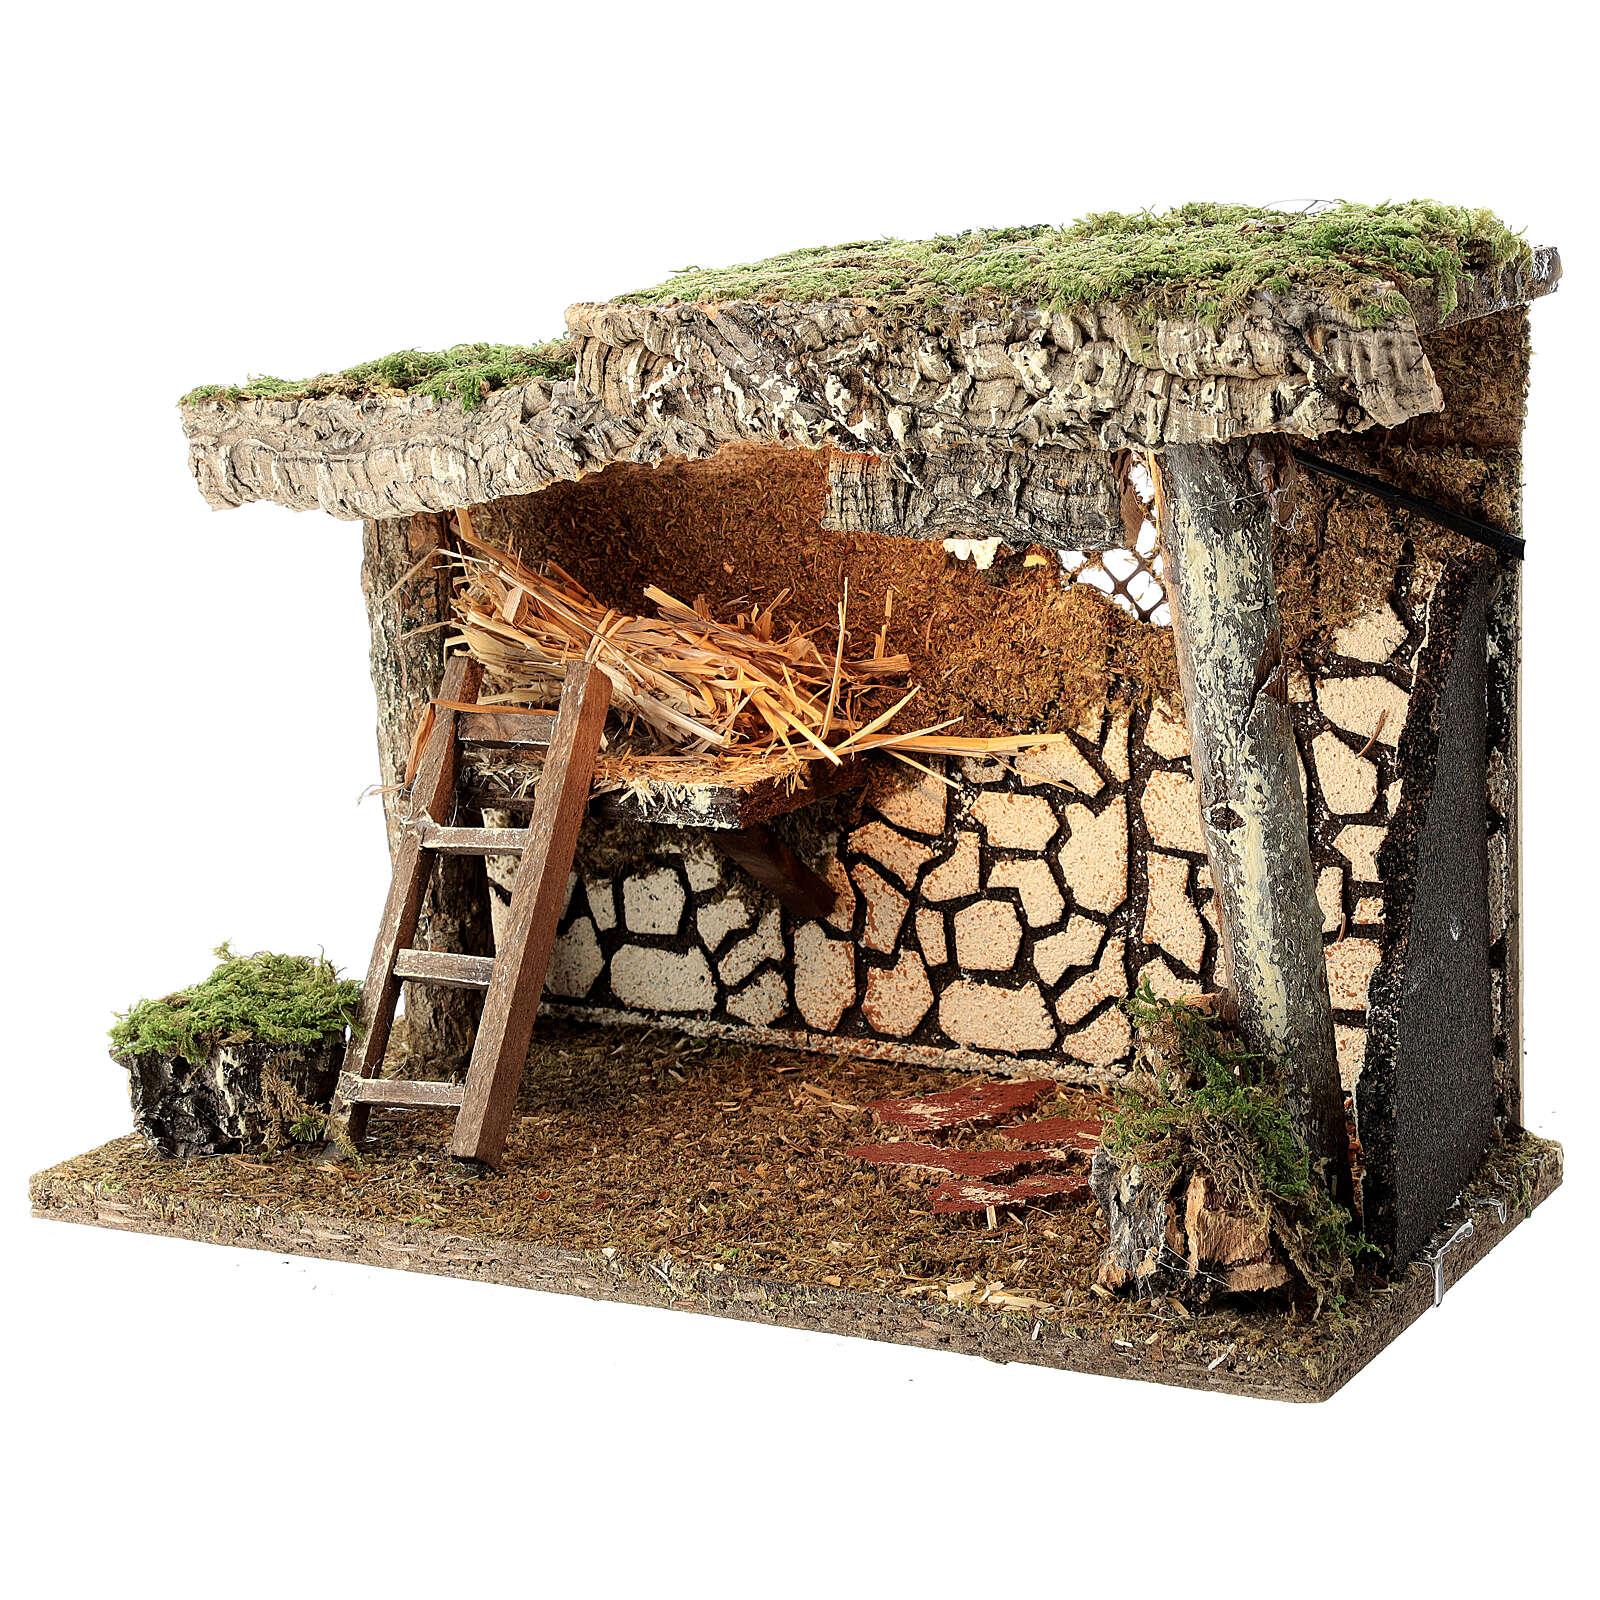 Cabane Nativité crèche fenil échelle 25x35x20 cm crèche 12-14 cm 4